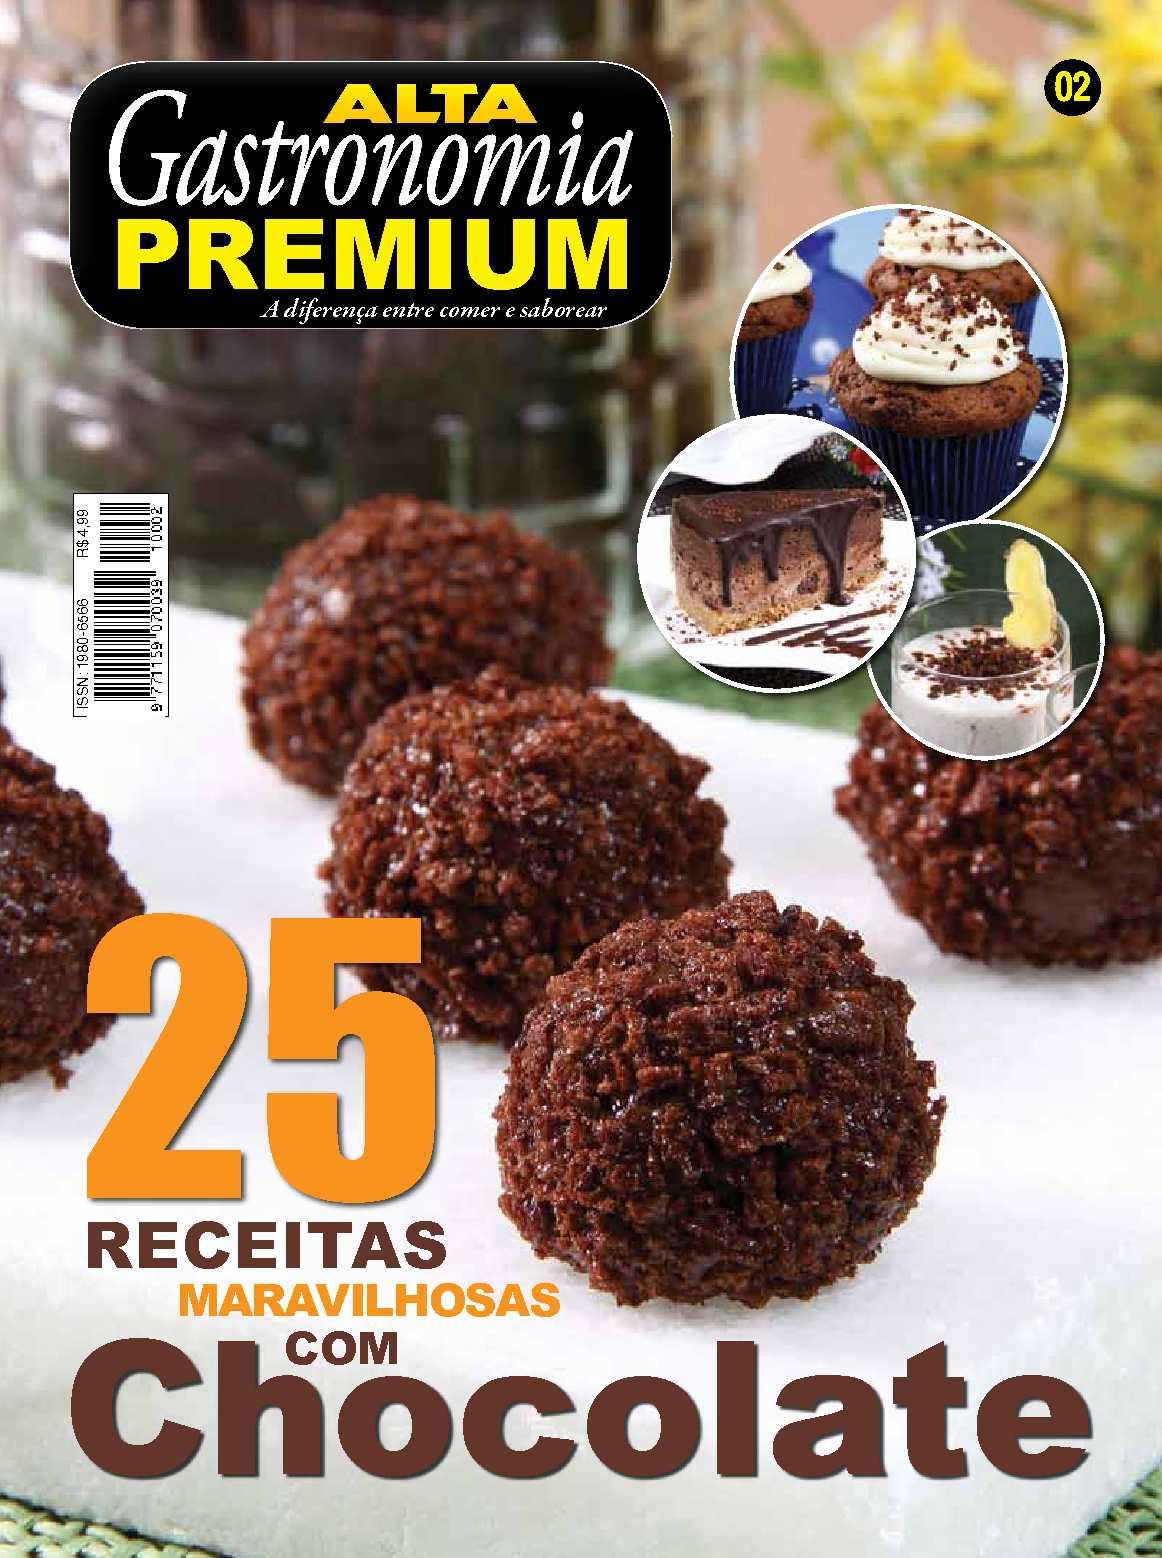 Alta Gastronomia Premium - edição 02